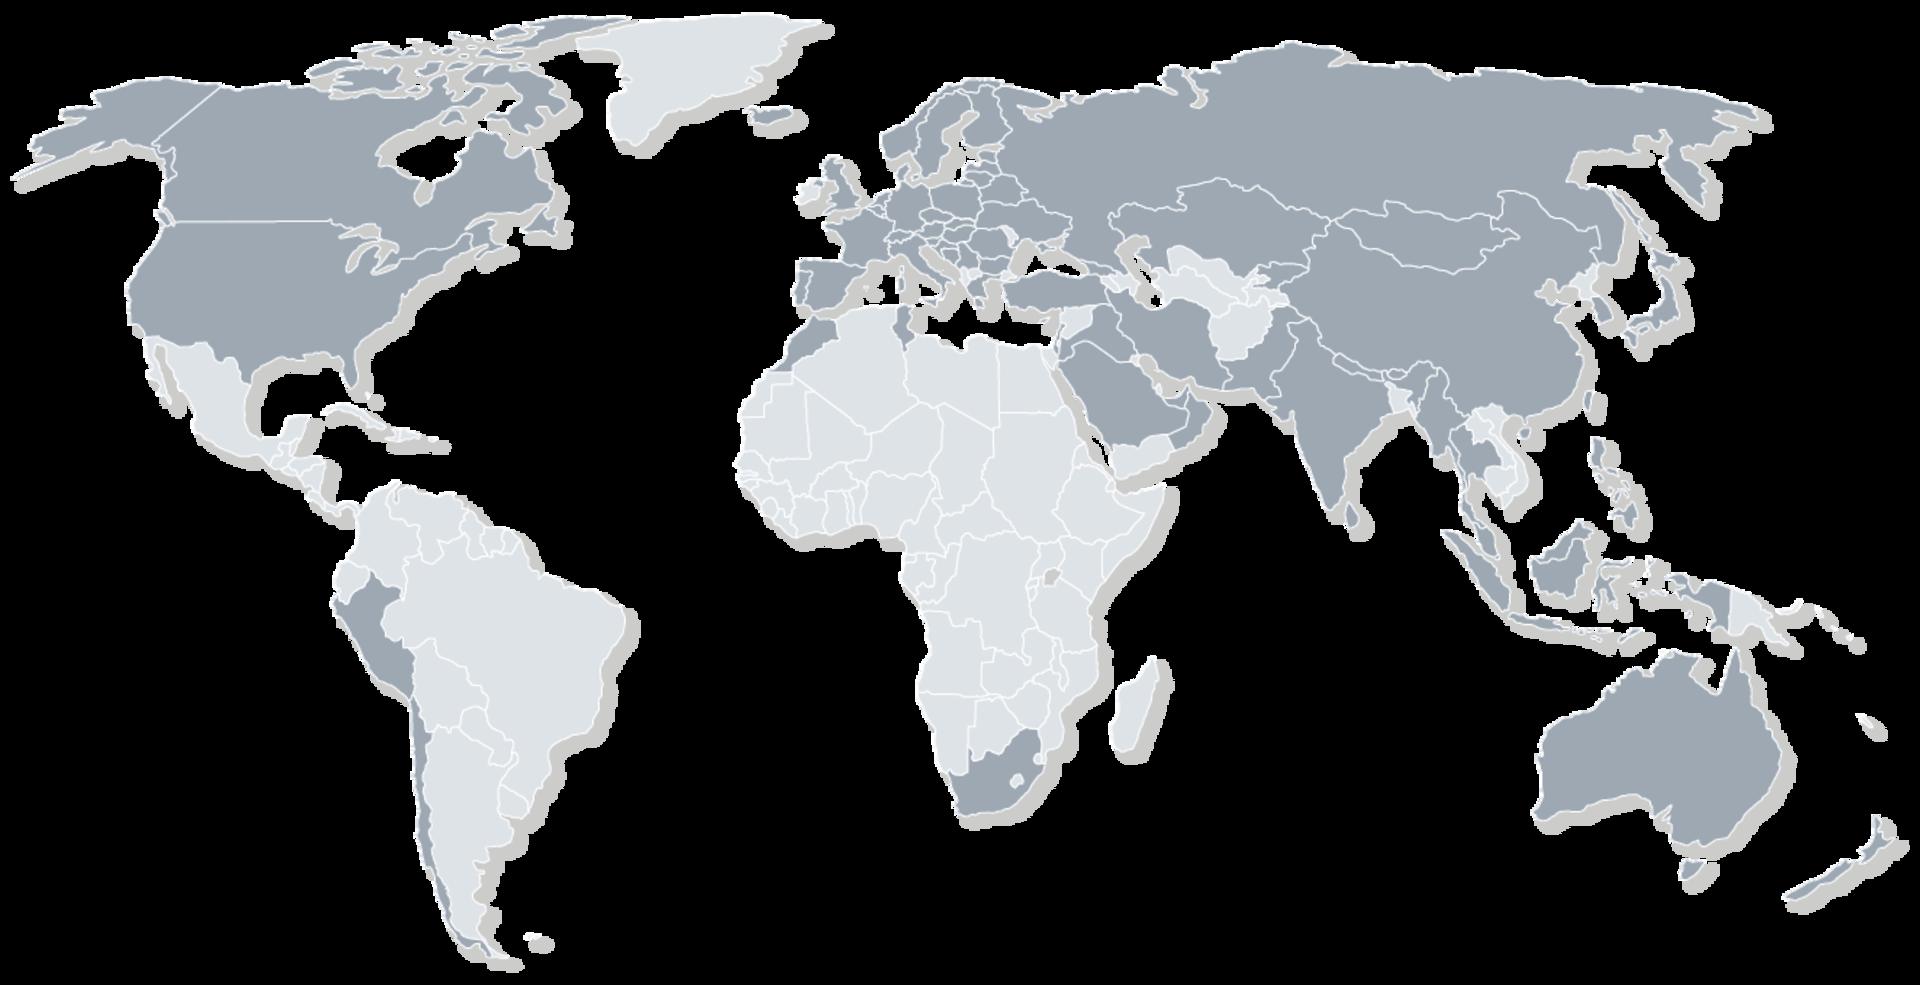 LOWA-schoenen worden nu naar 75 landen in de hele wereld geëxporteerd.